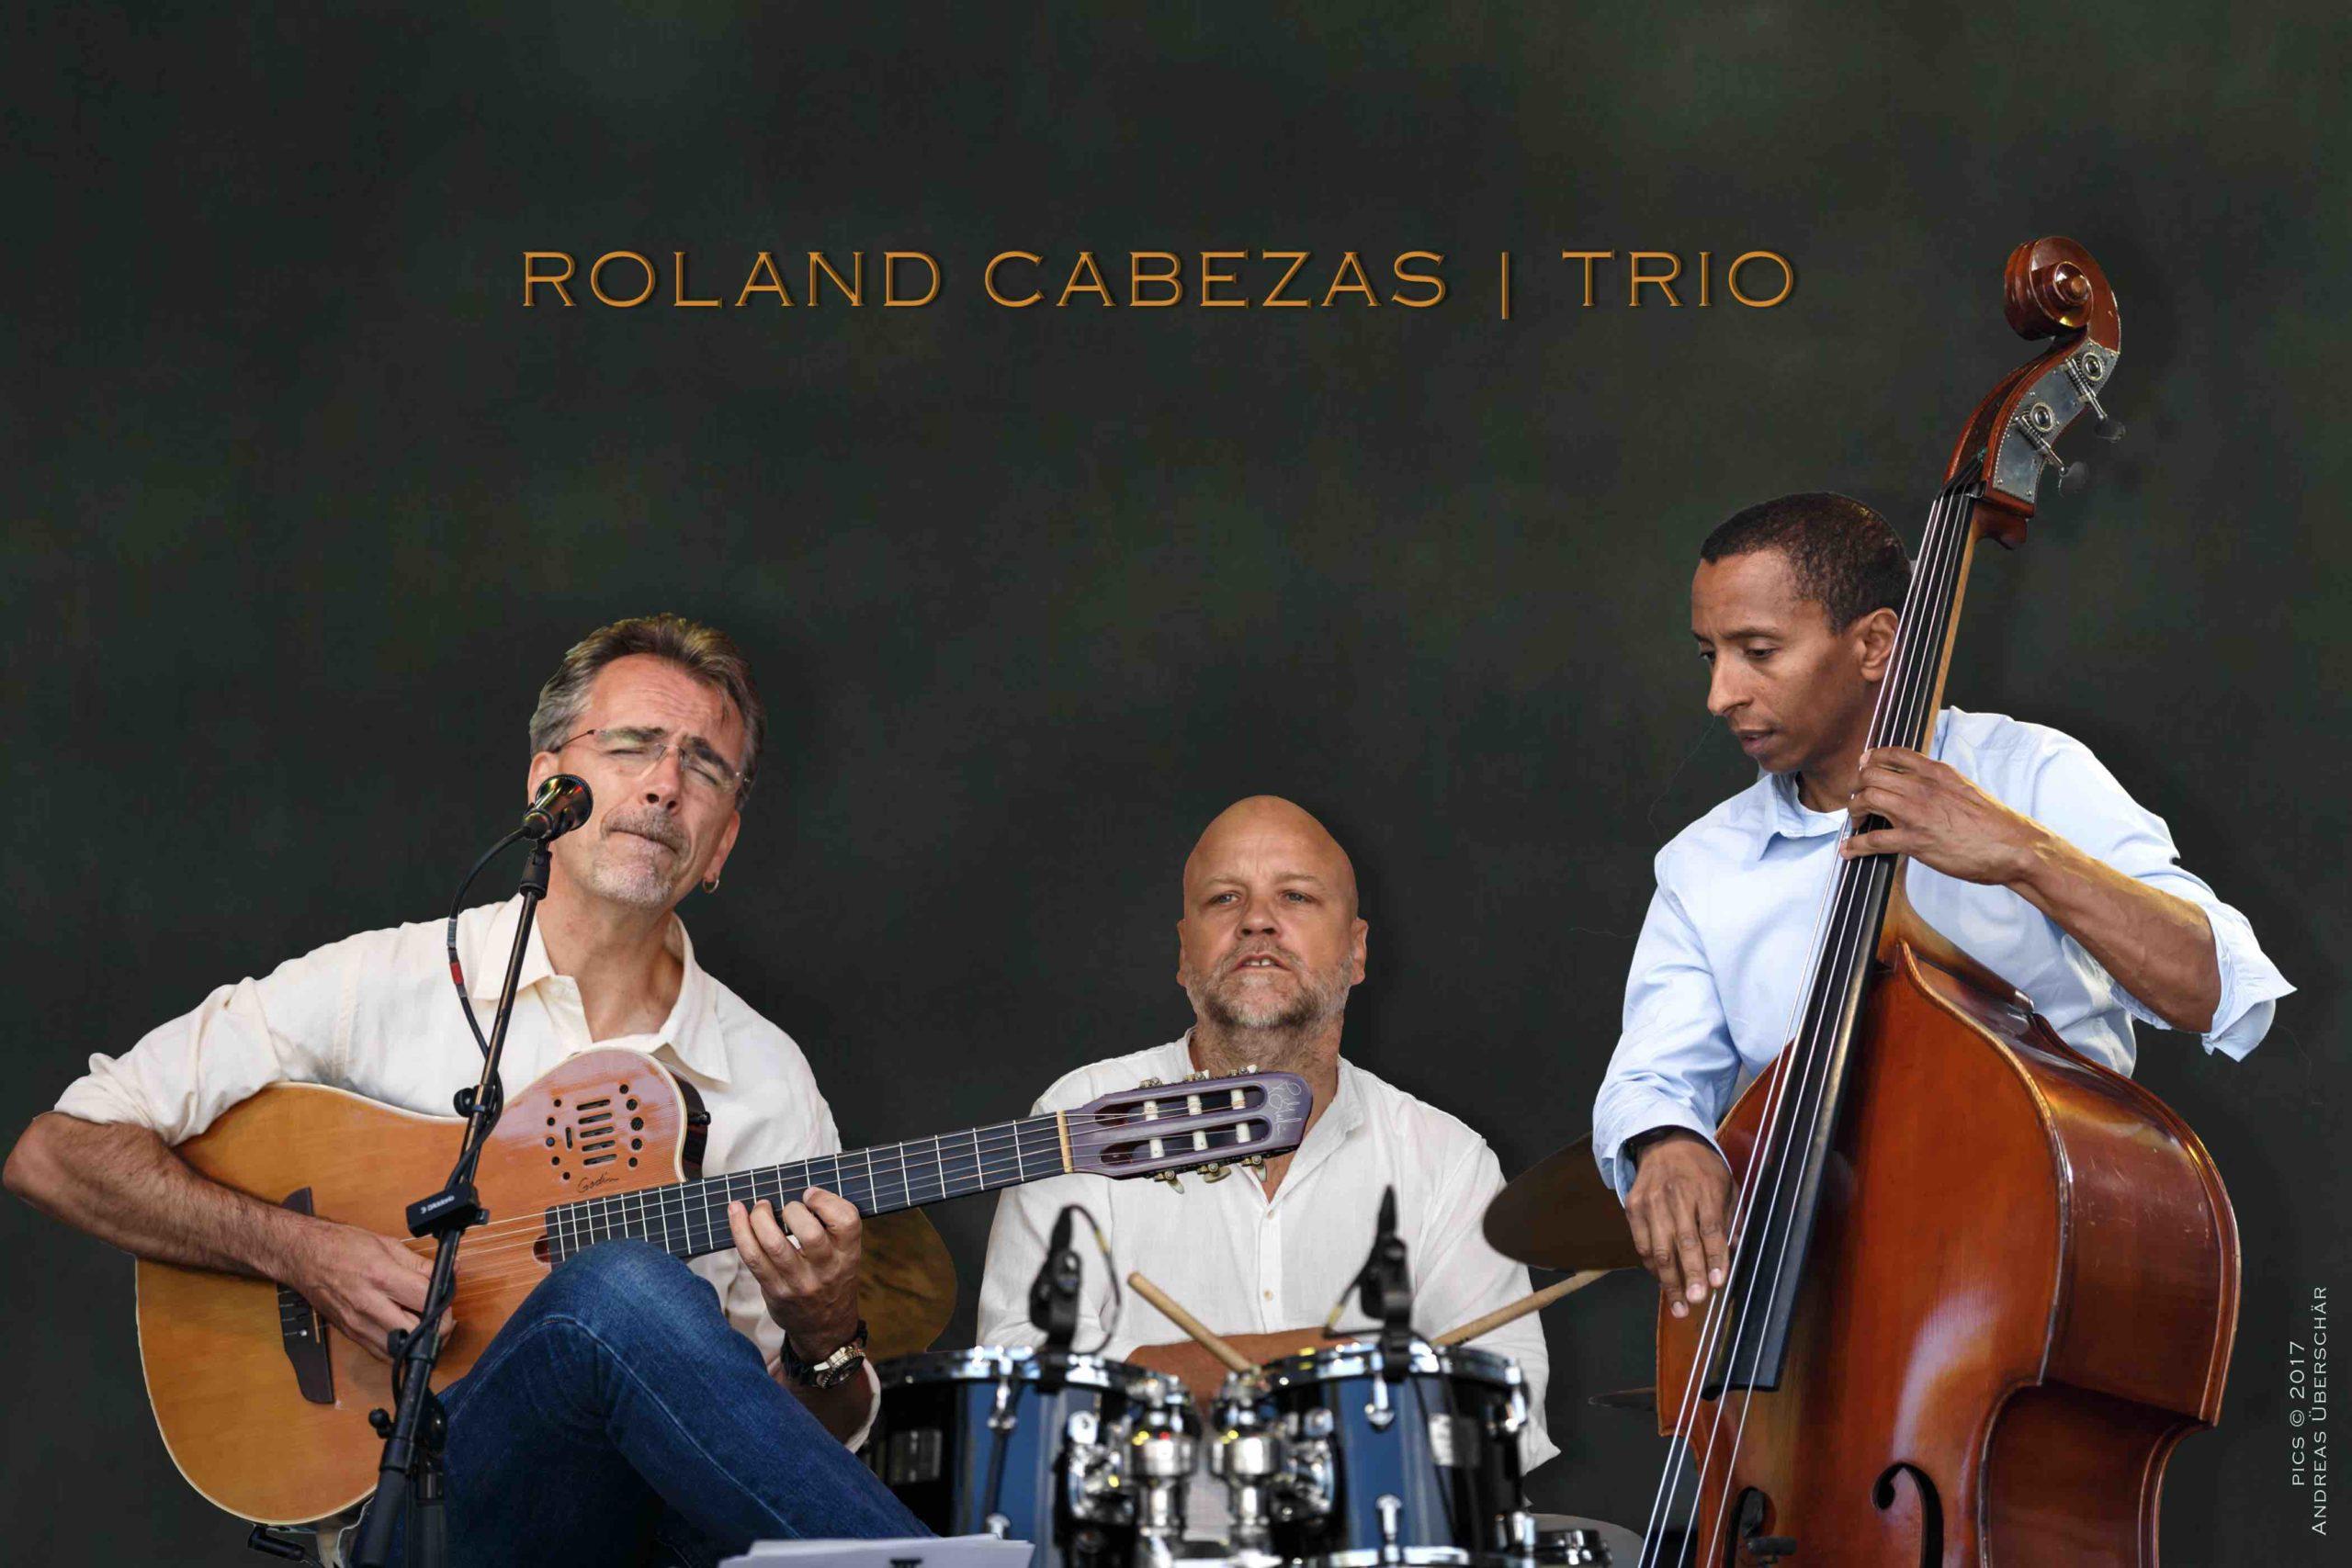 Roland Cabezas Trio